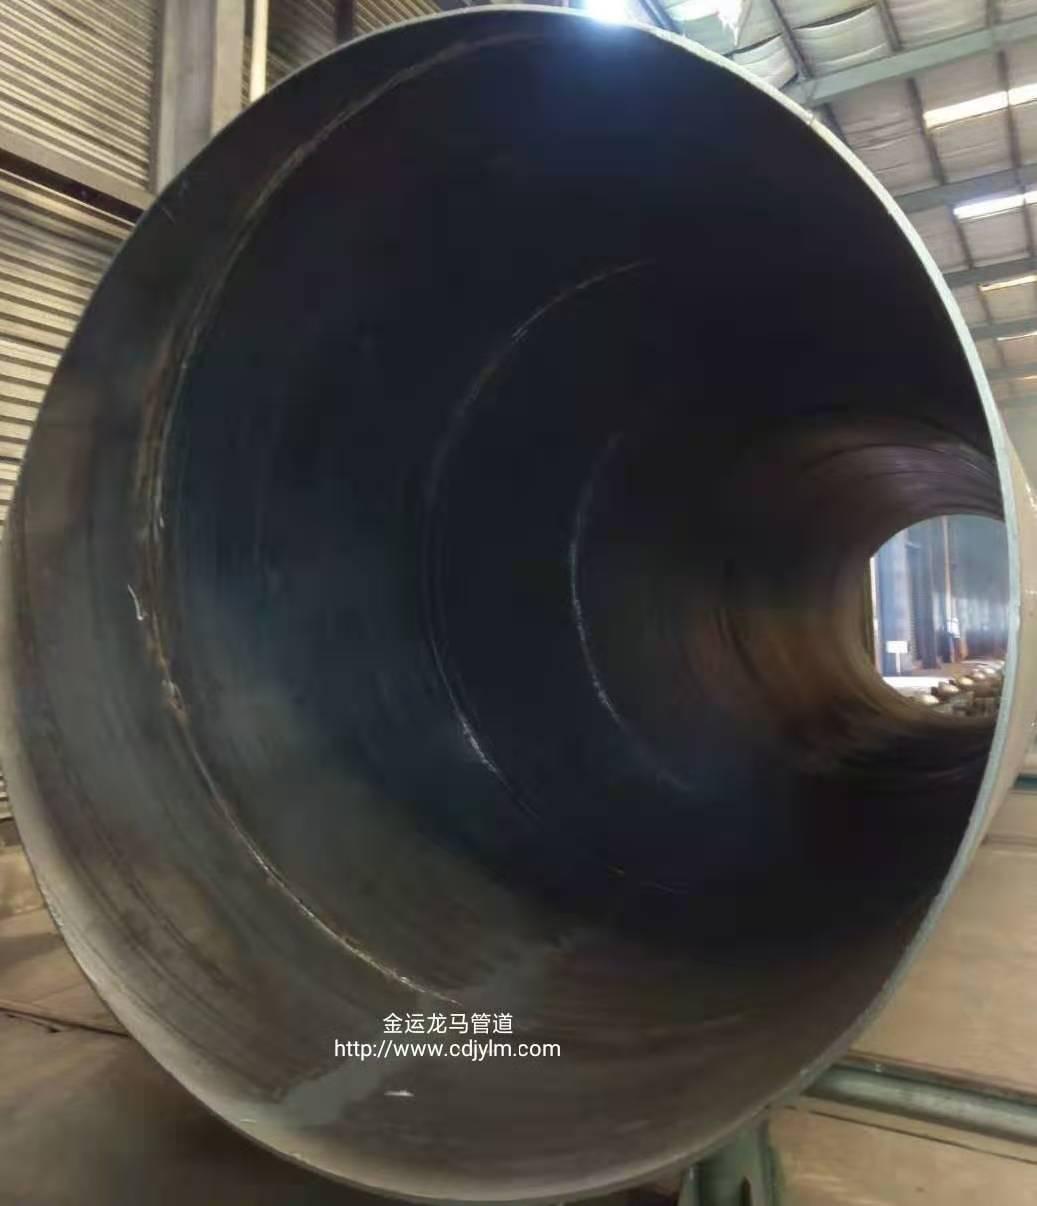 螺旋钢管型号及厚度如何选择?